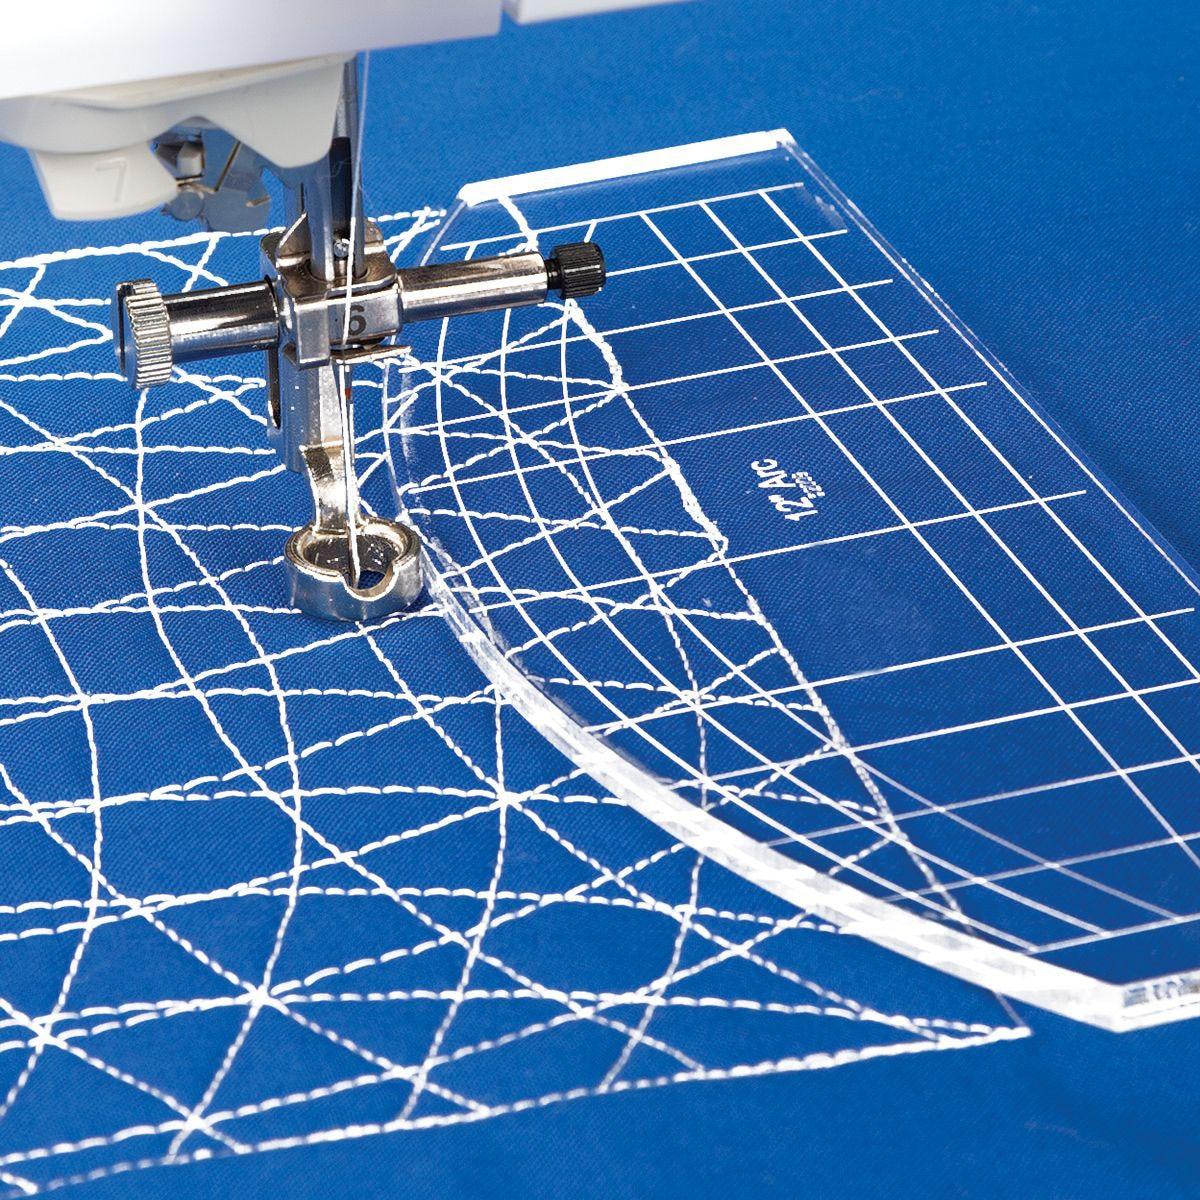 Quilting Régua Governante Modelo com baixo Shank Pé Plástico para Costura Quilting Bordado # RL-01D